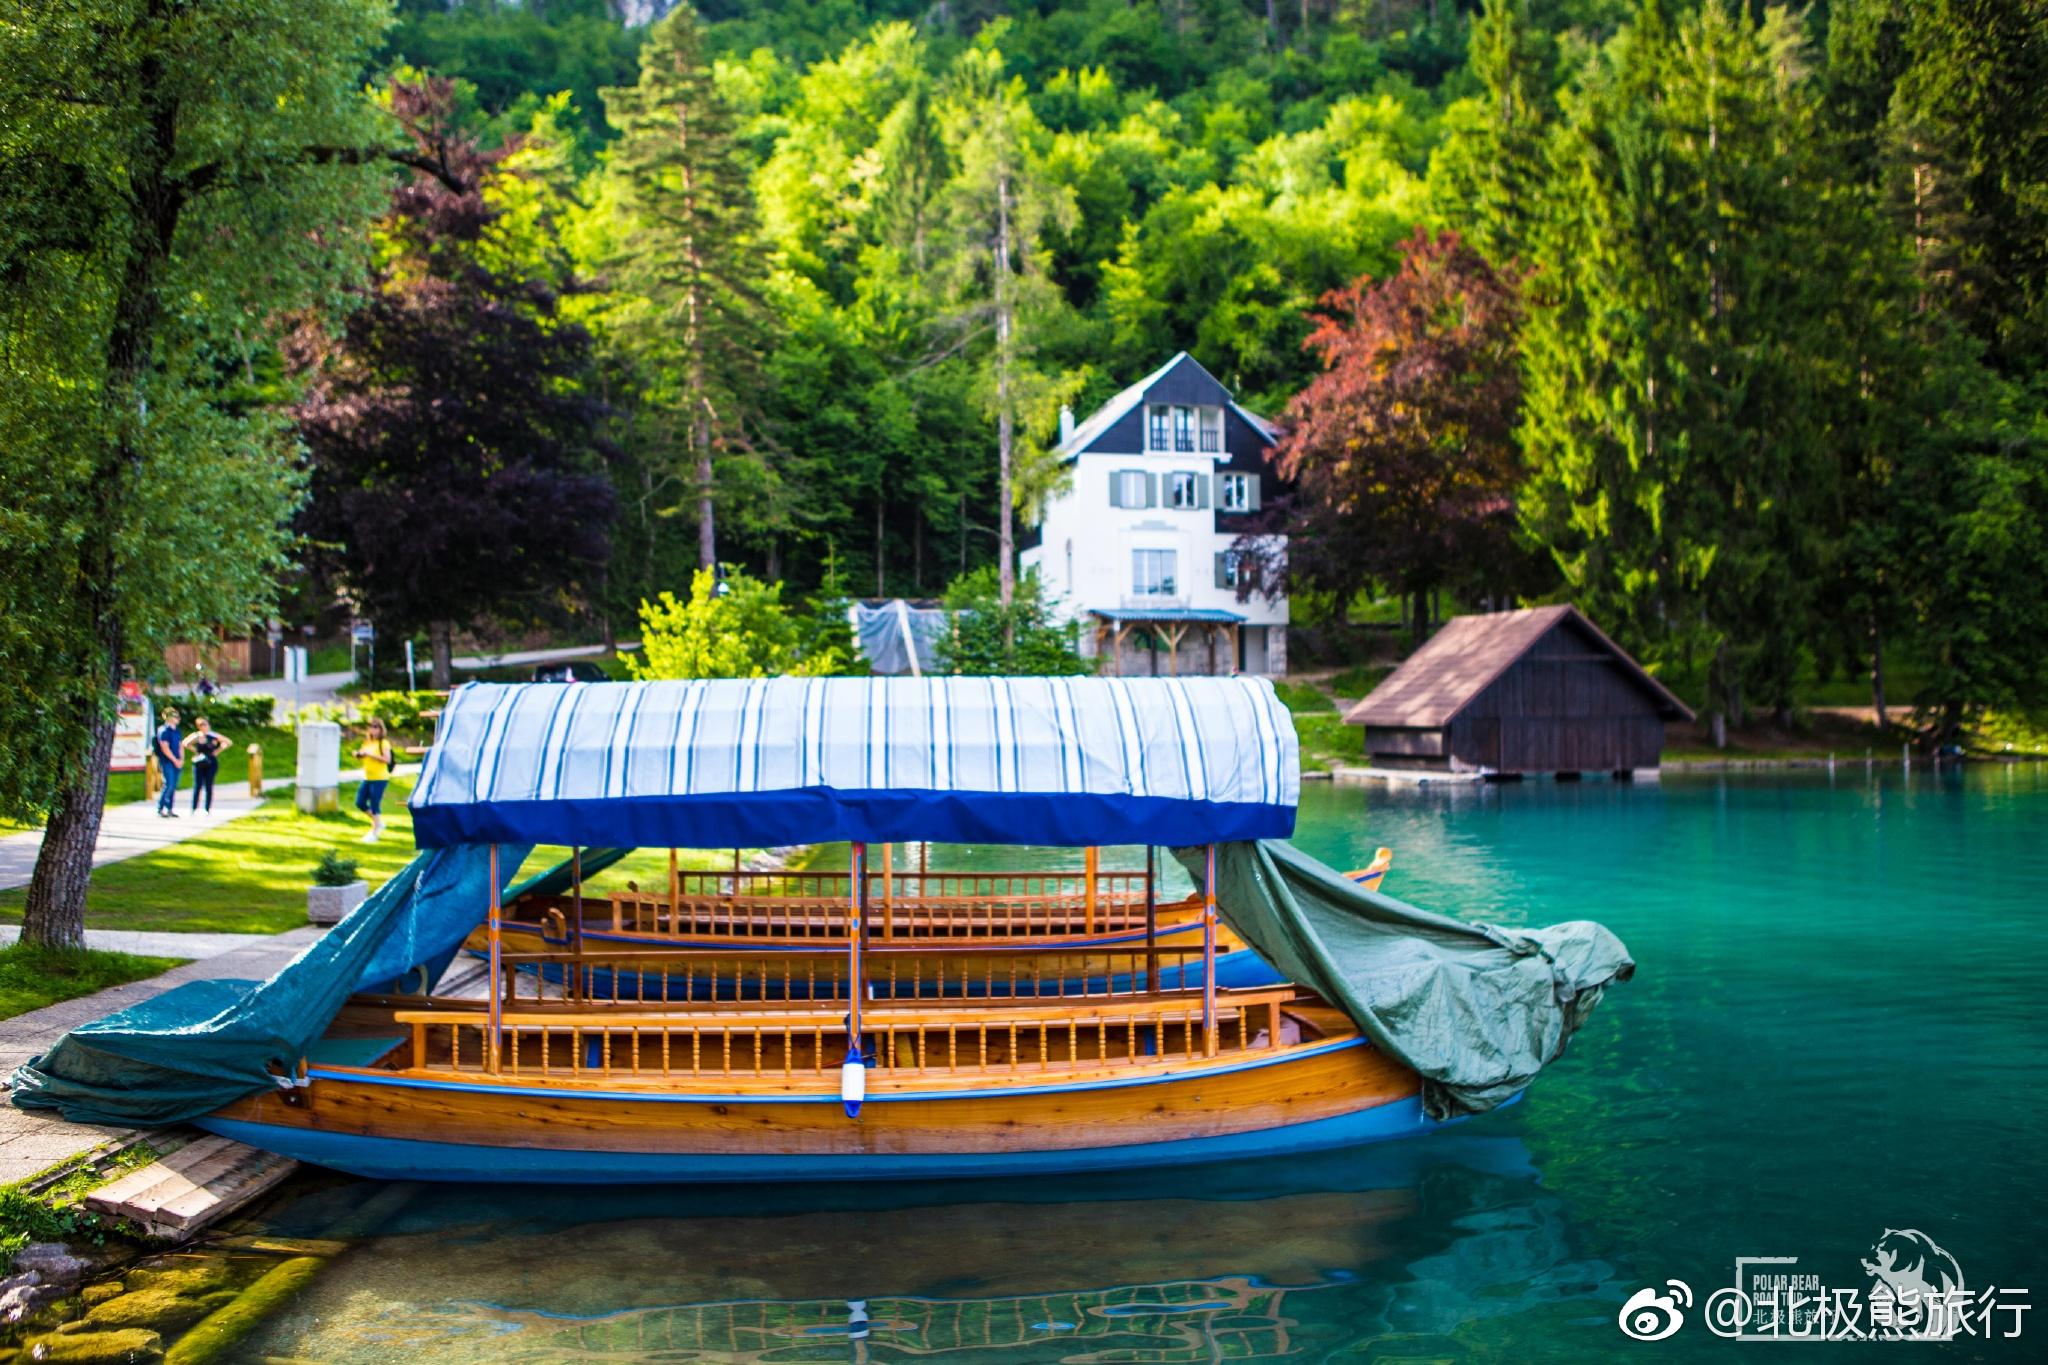 布莱德湖,被誉为阿尔卑斯的蓝眼睛